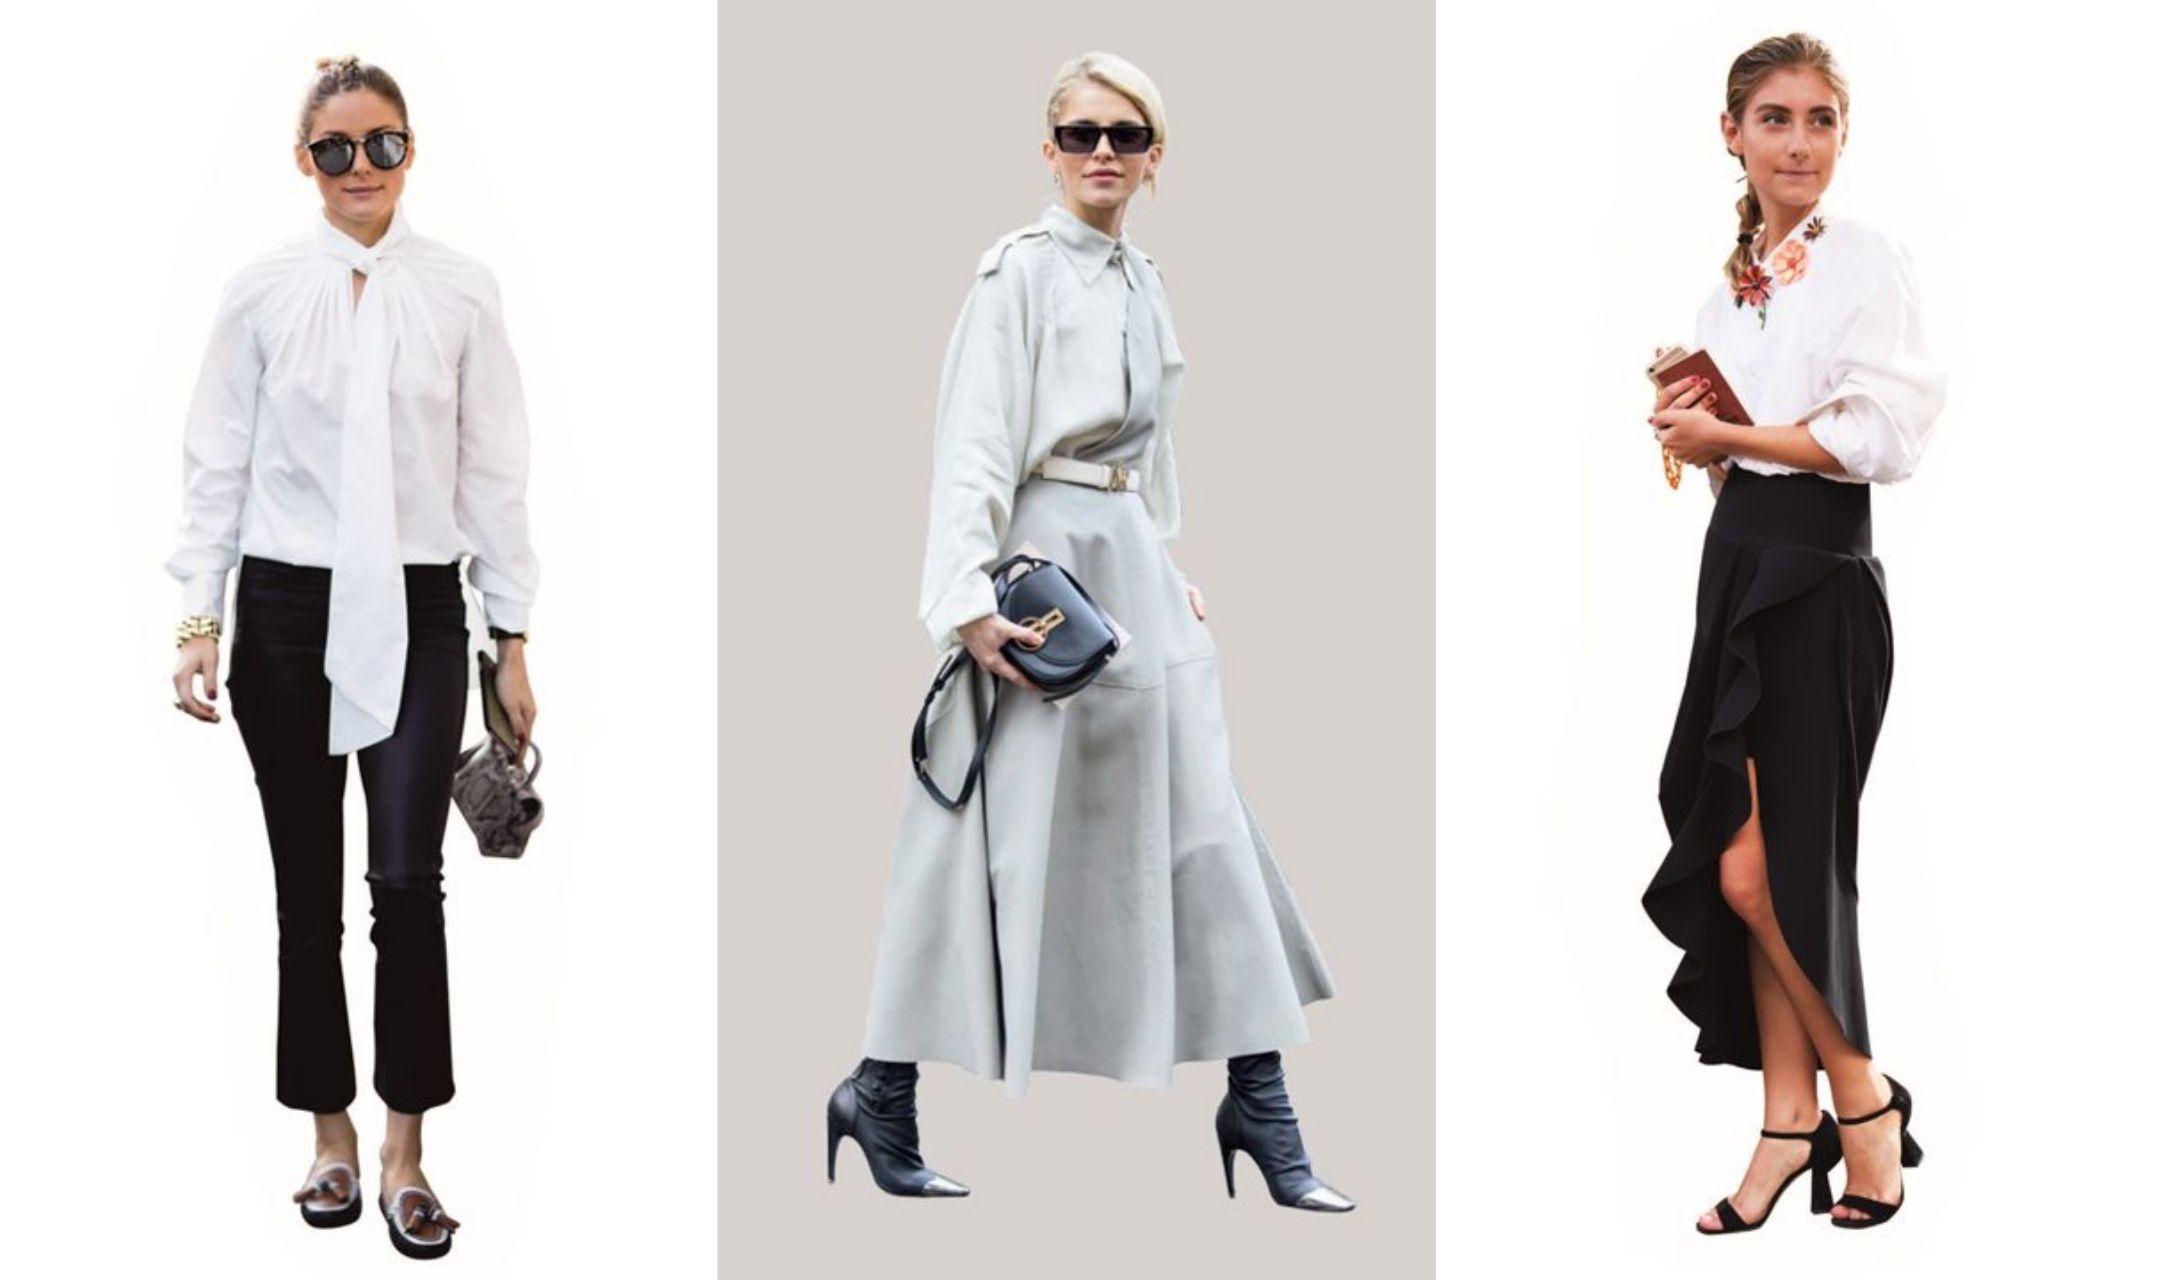 モード系ファッション20選【2018秋 レディース】 海外セレブの最新ファッションコーデ